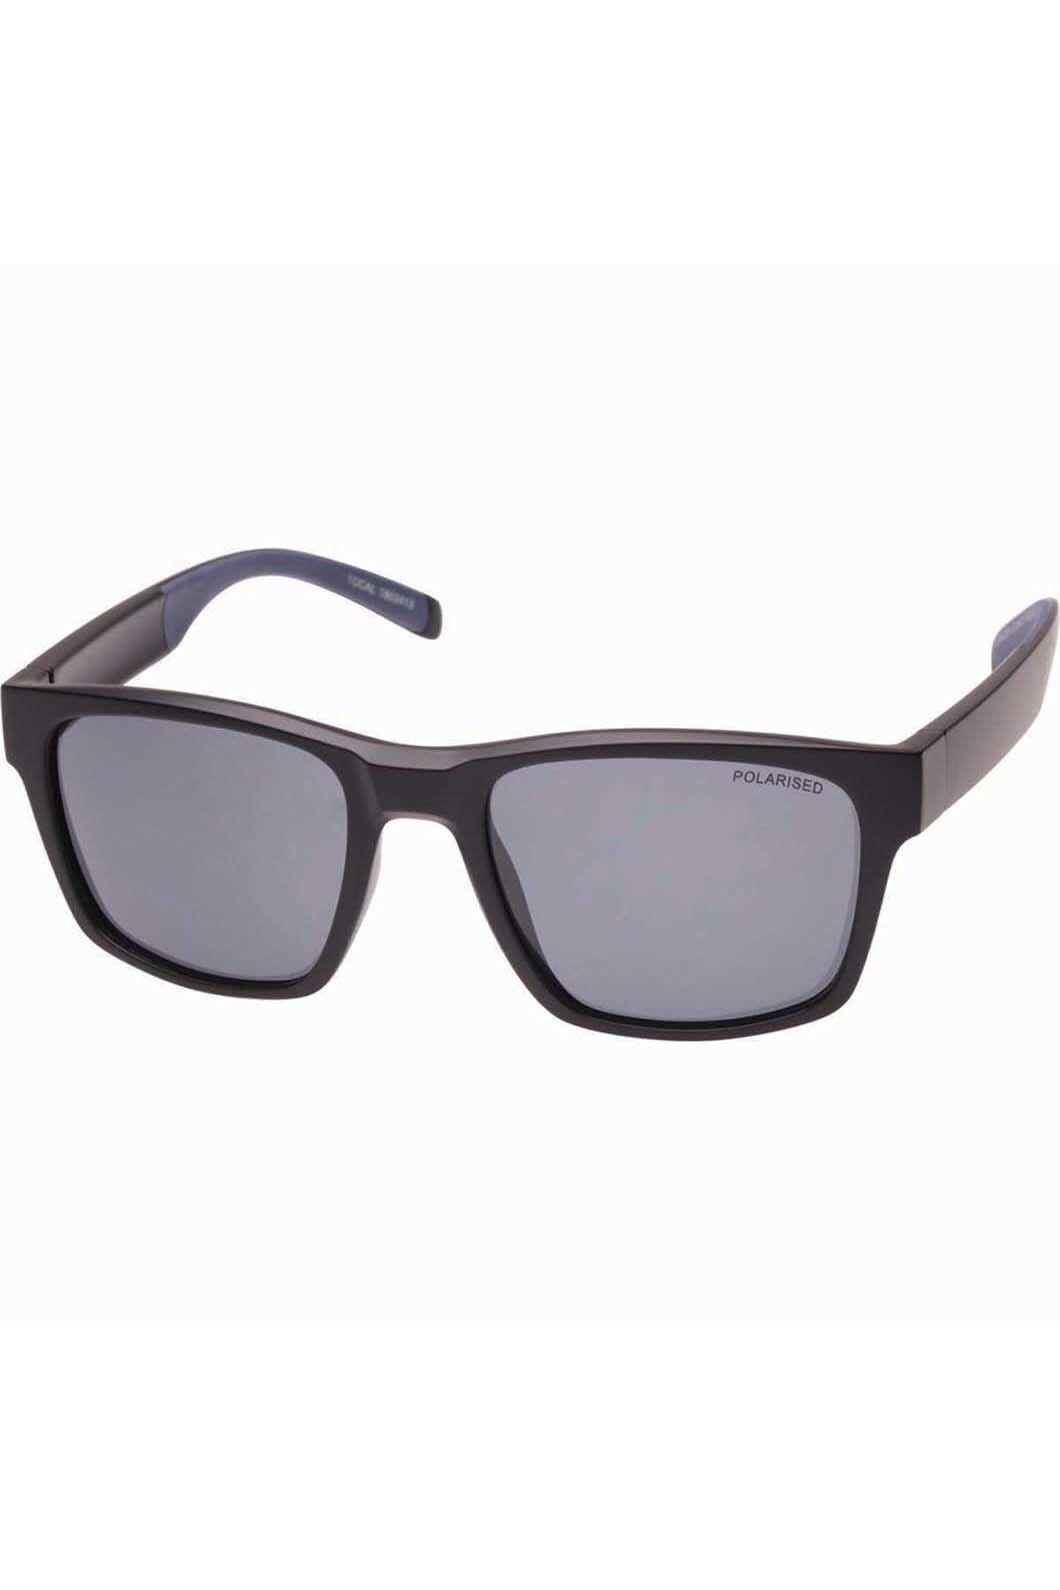 Cancer Council Men's Tocal Sunglasses One Size Fits Most, MATT BLACK/NAVY, hi-res